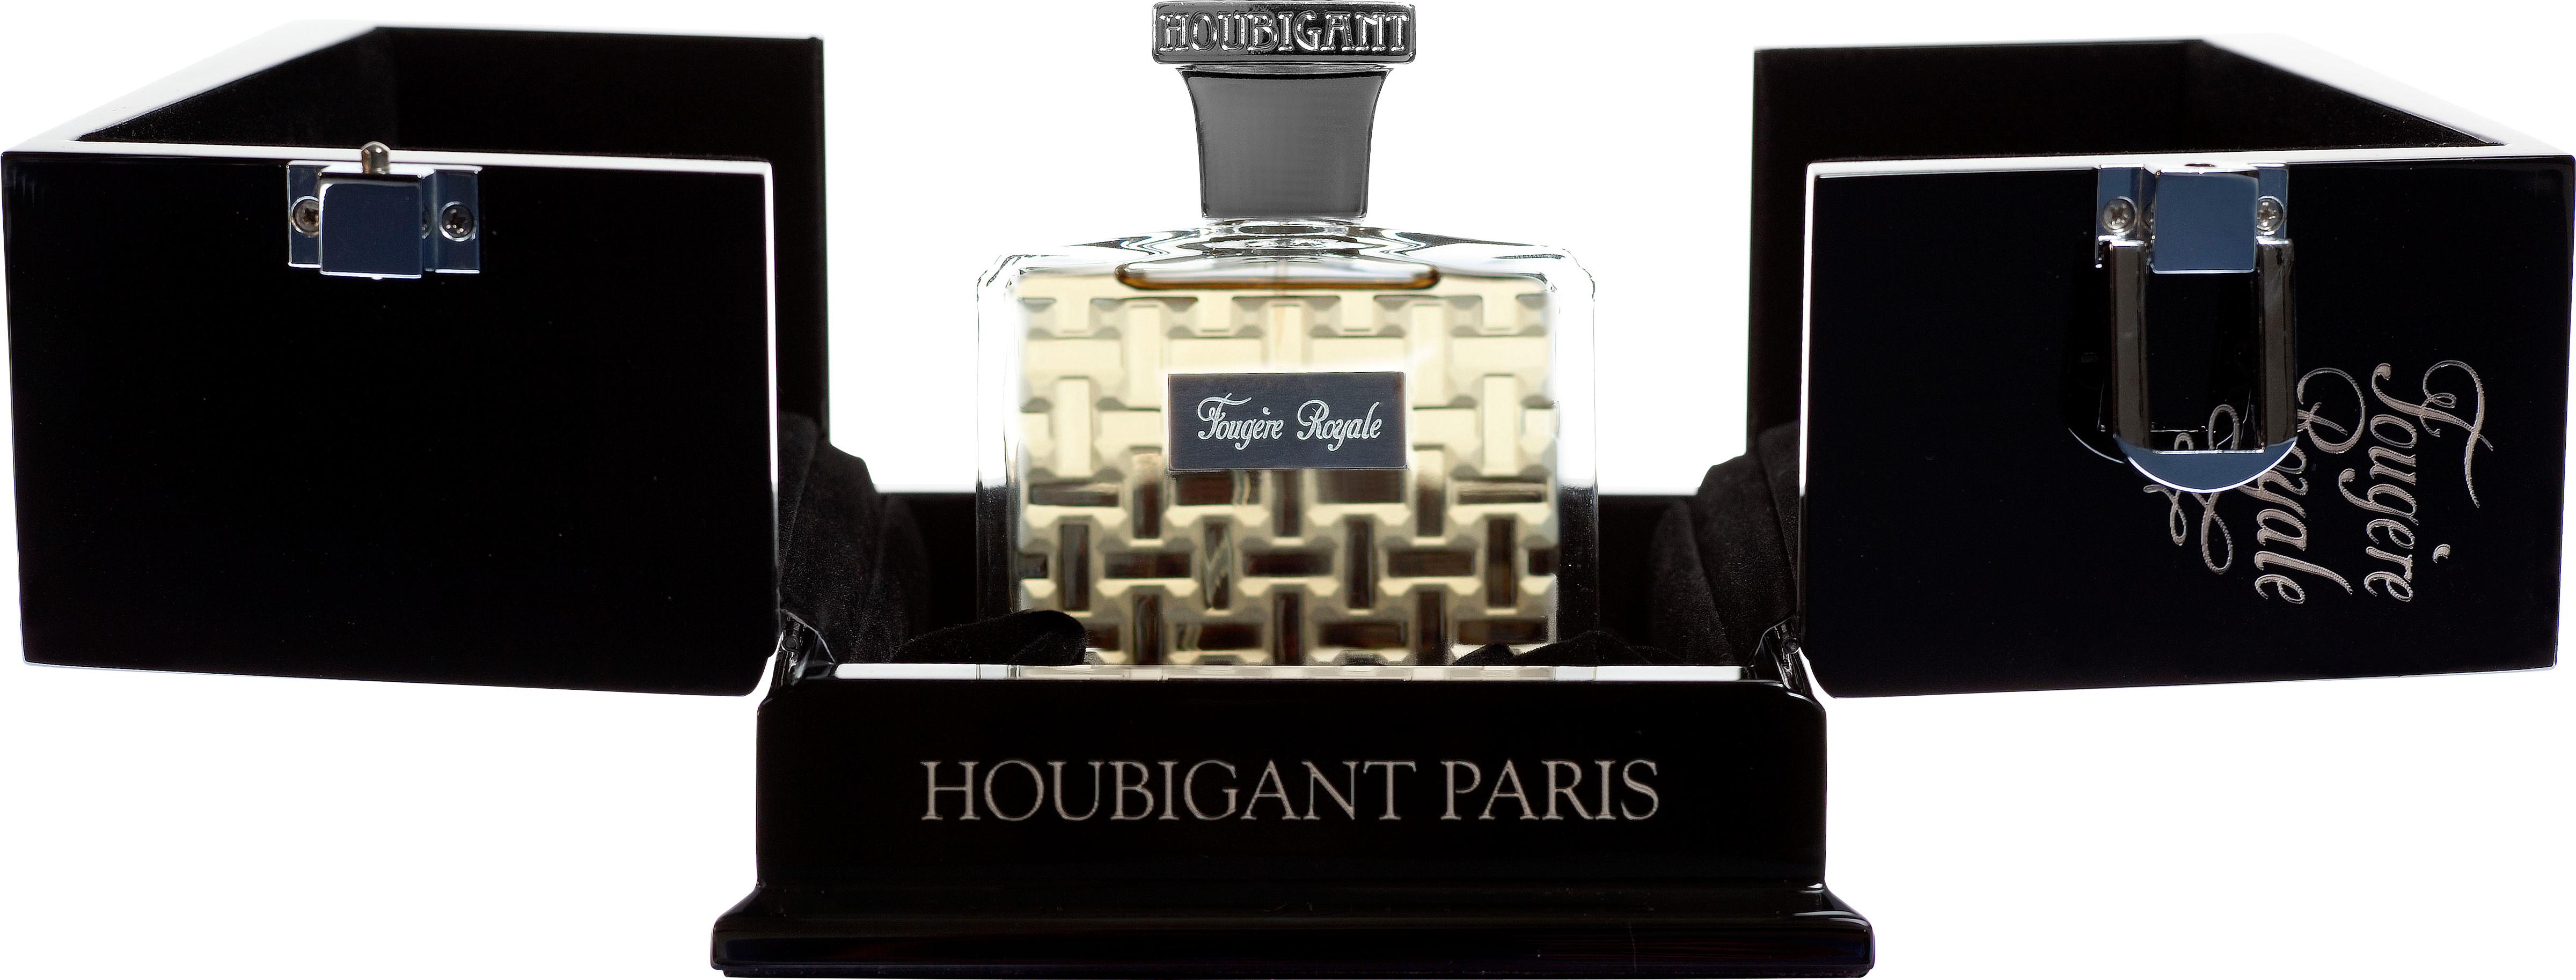 Houbigant Fougere Royale 2010